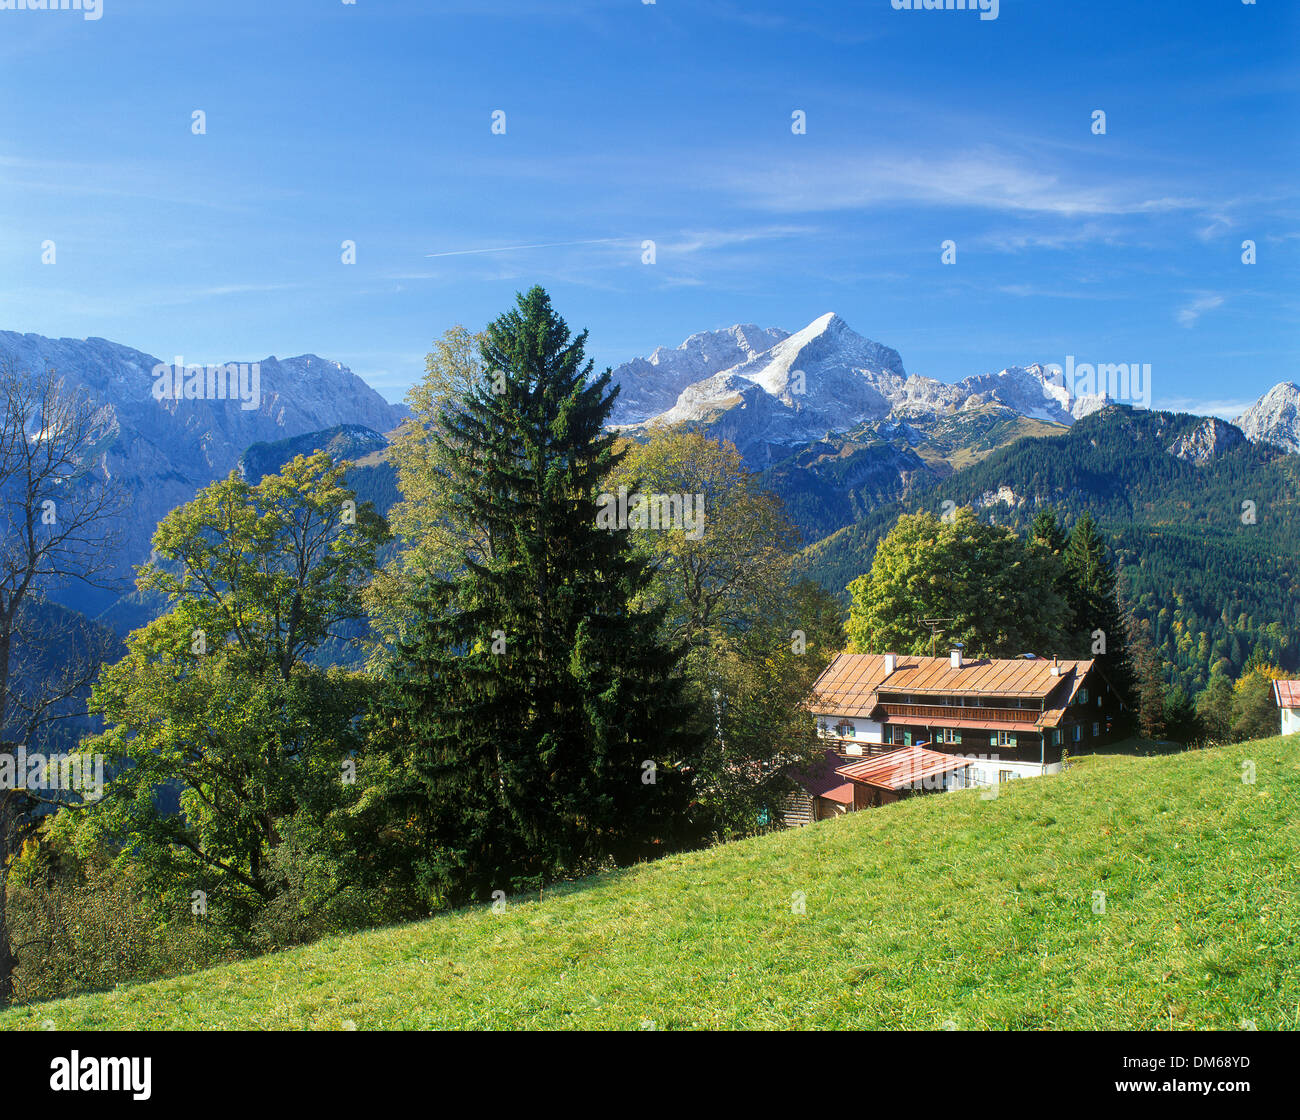 Pension Gasthof Eckbauer vor Alpspitze Berg, Wettersteingebirge, Upper Bavaria, Bavaria, Germany Stockbild